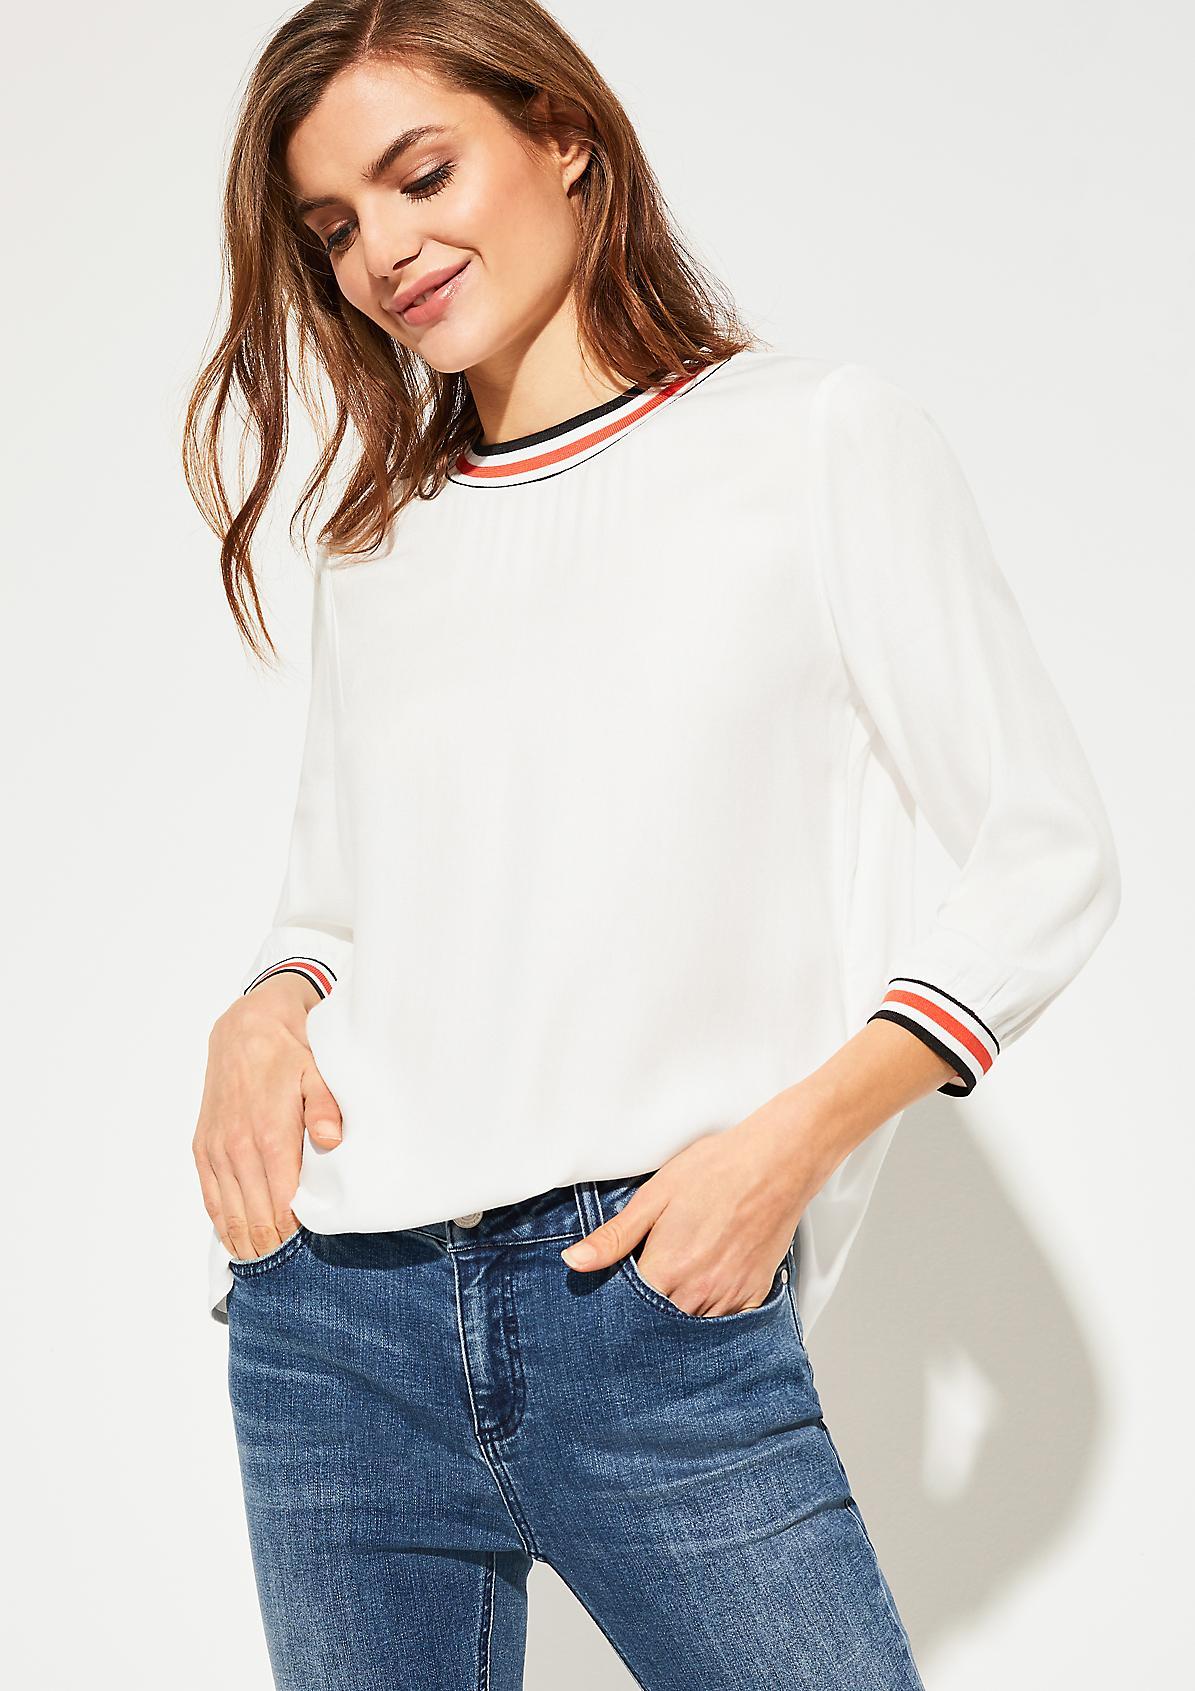 Bluse mit gestreiftem Stehkragen